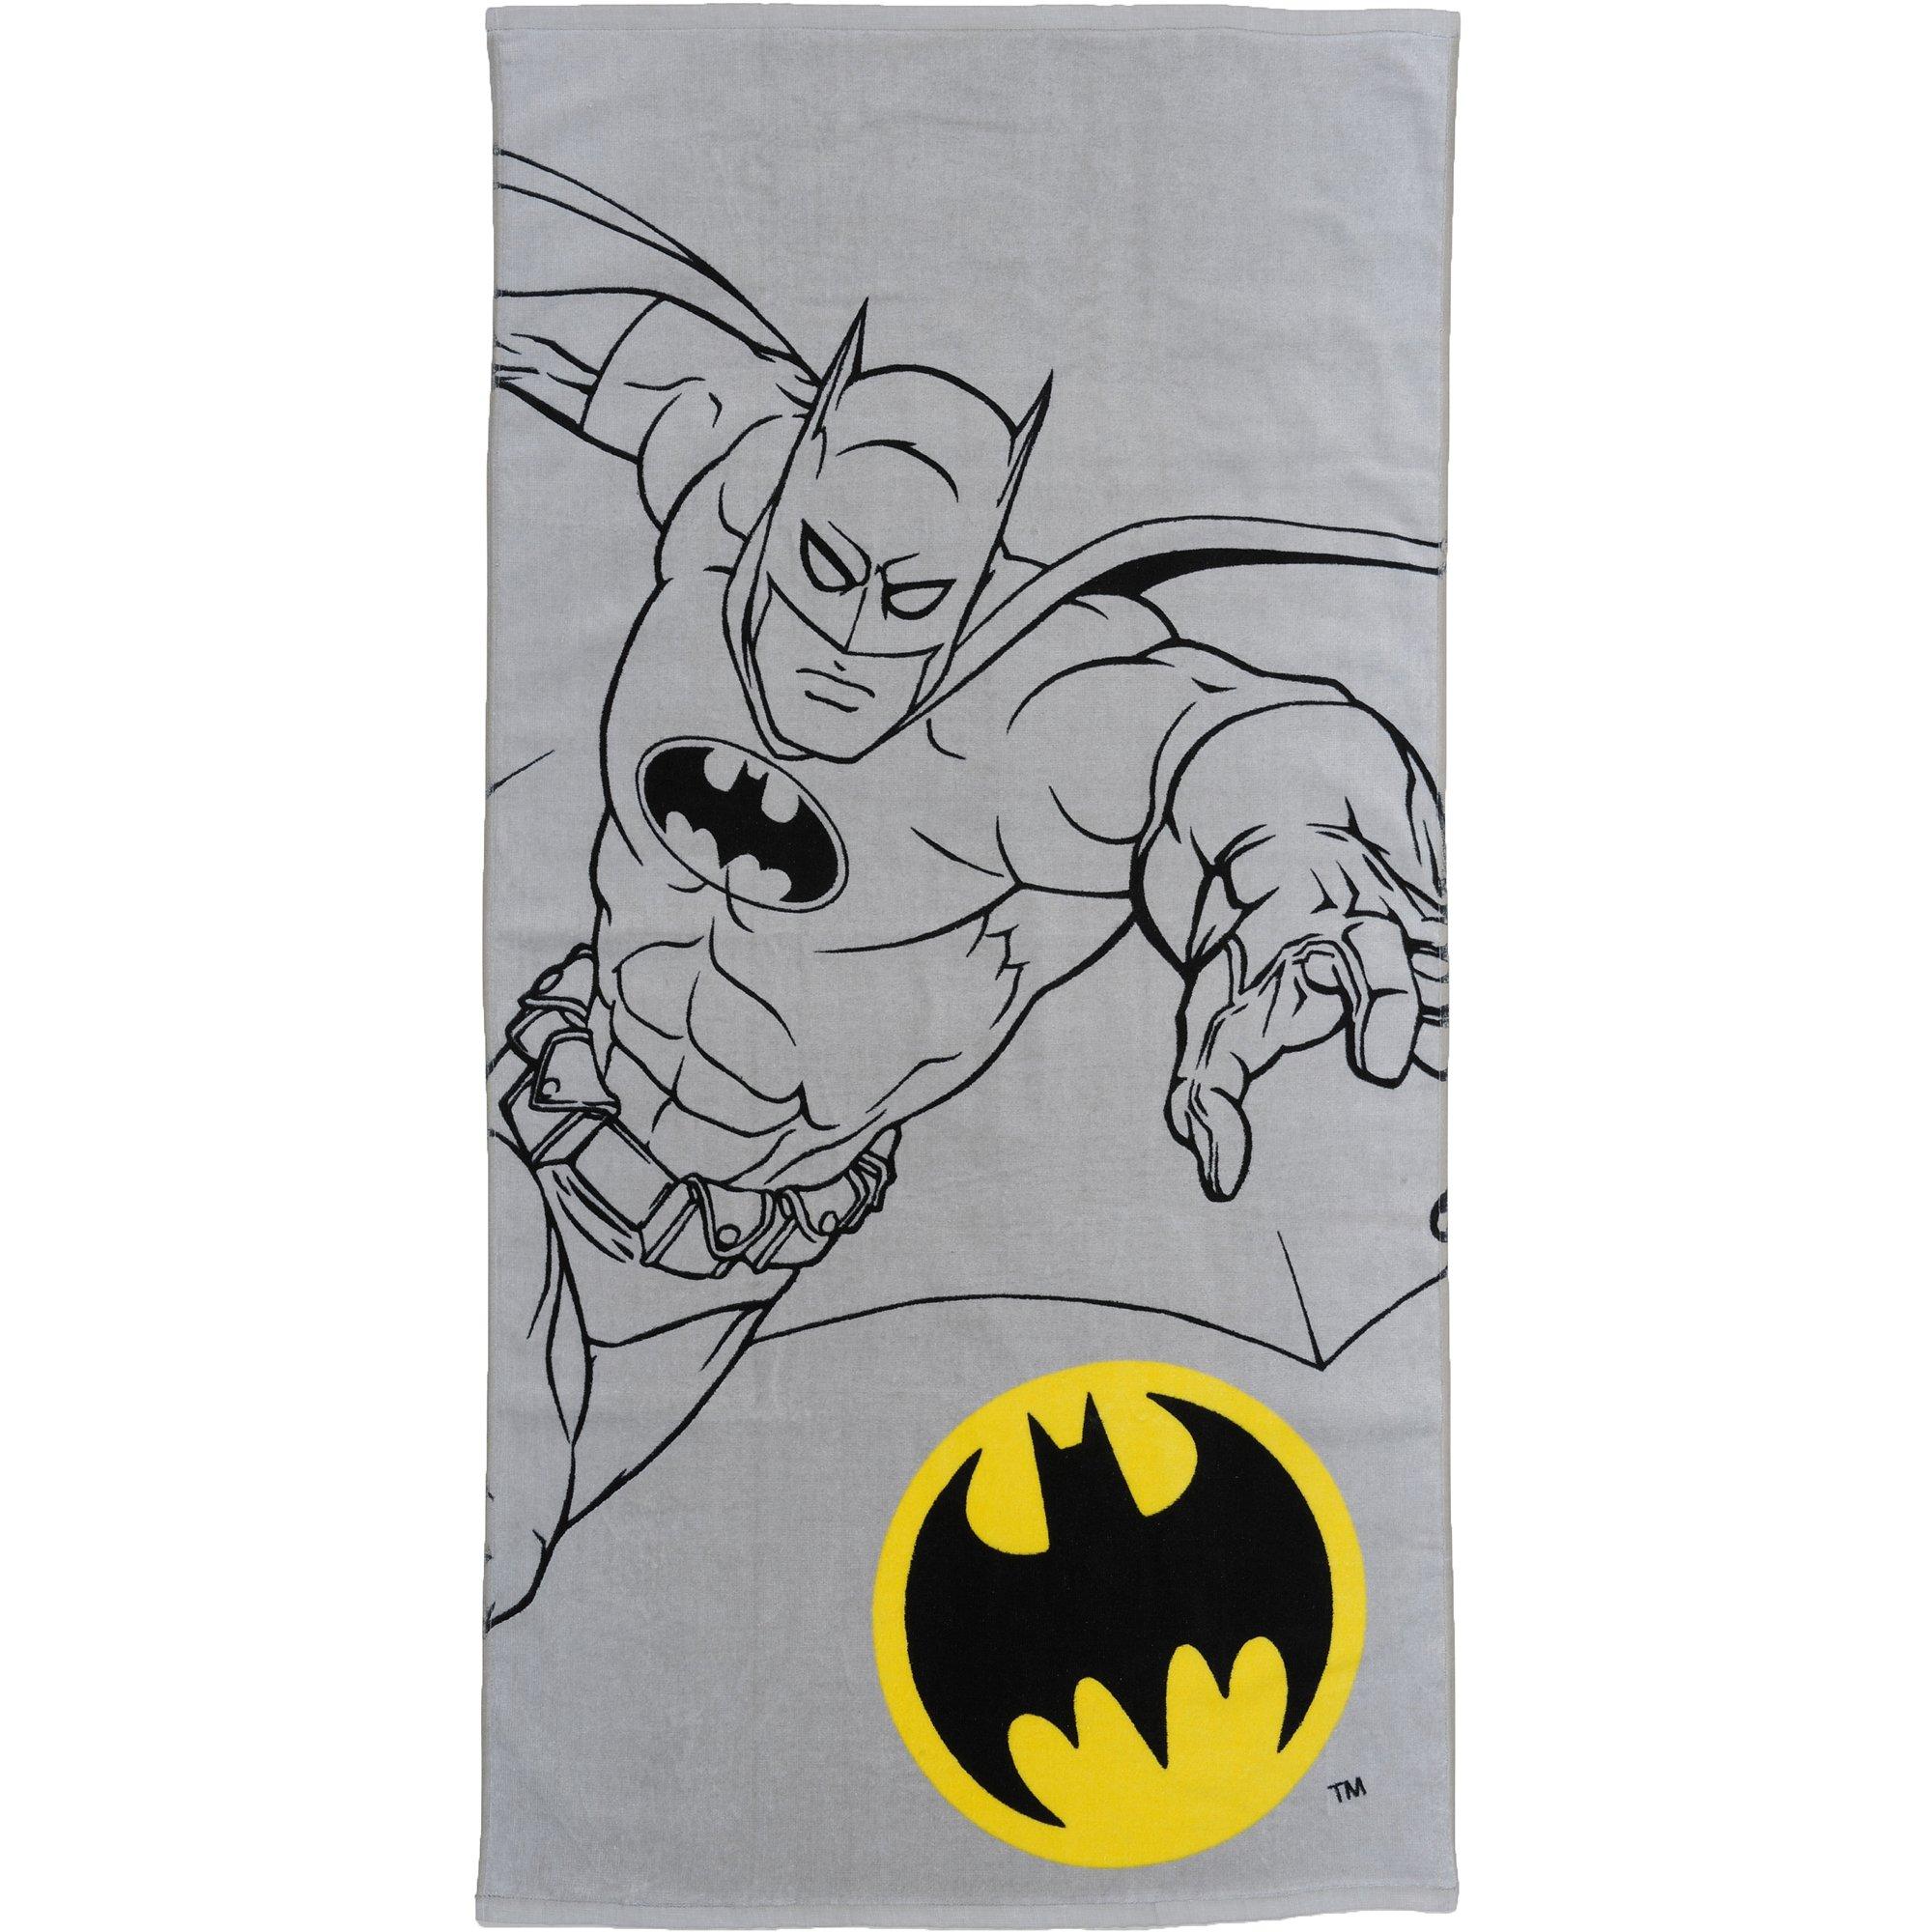 Batman Bathroom Set - Includes Shower Curtain, Hooks, Foam Bath Rug, Wastebasket, and Bath Towel